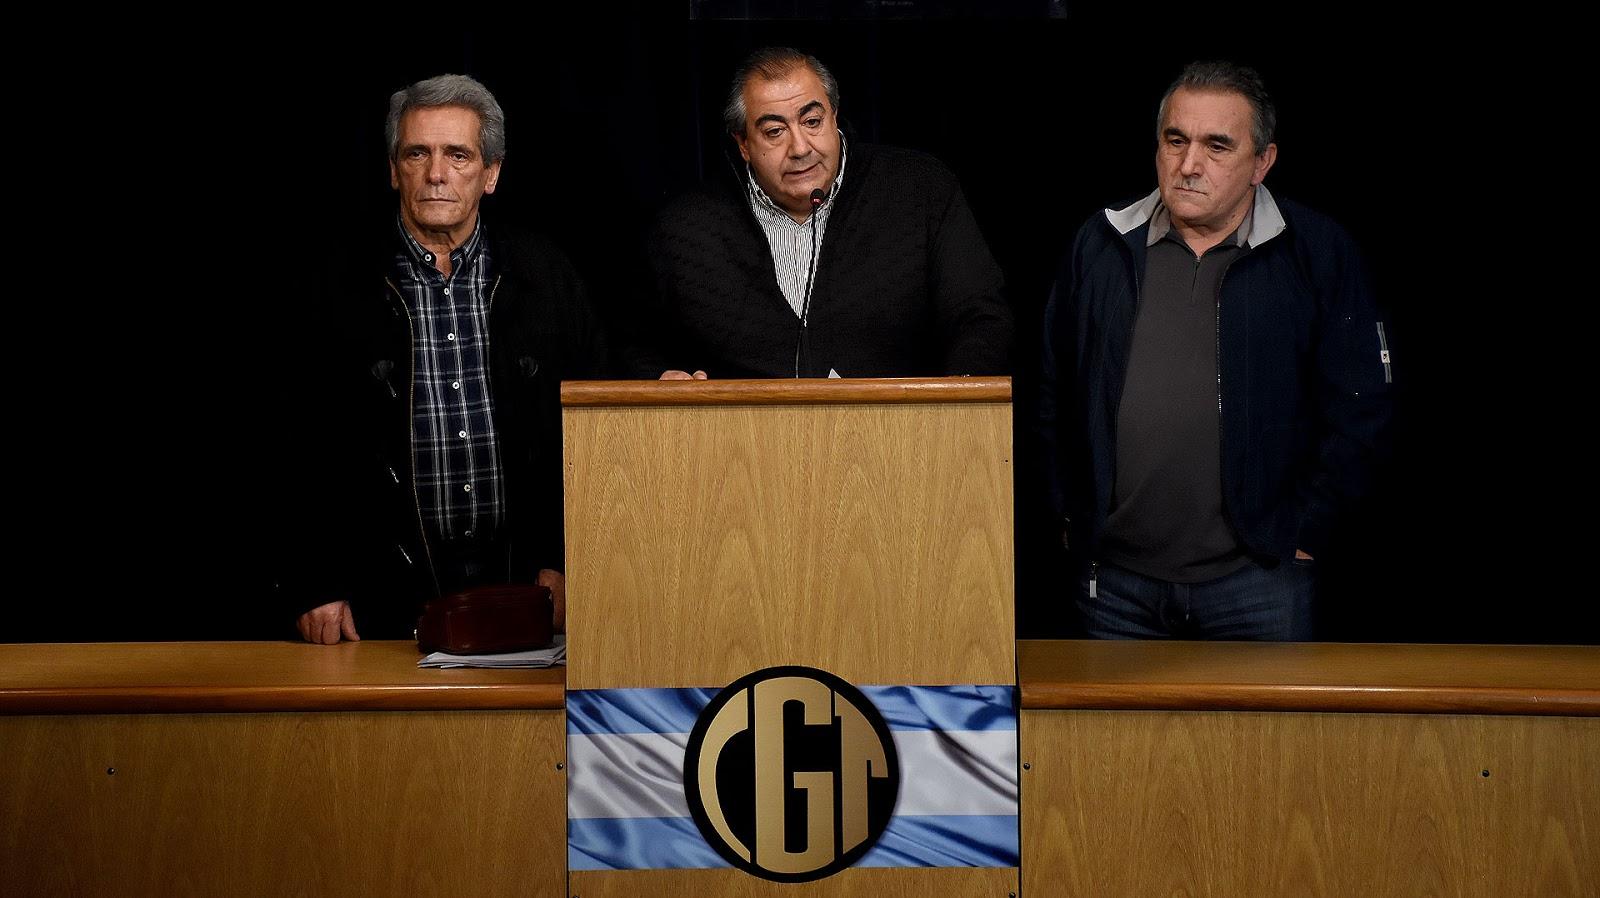 La CGT cancelo las elecciones y acordó mantener el triunvirato